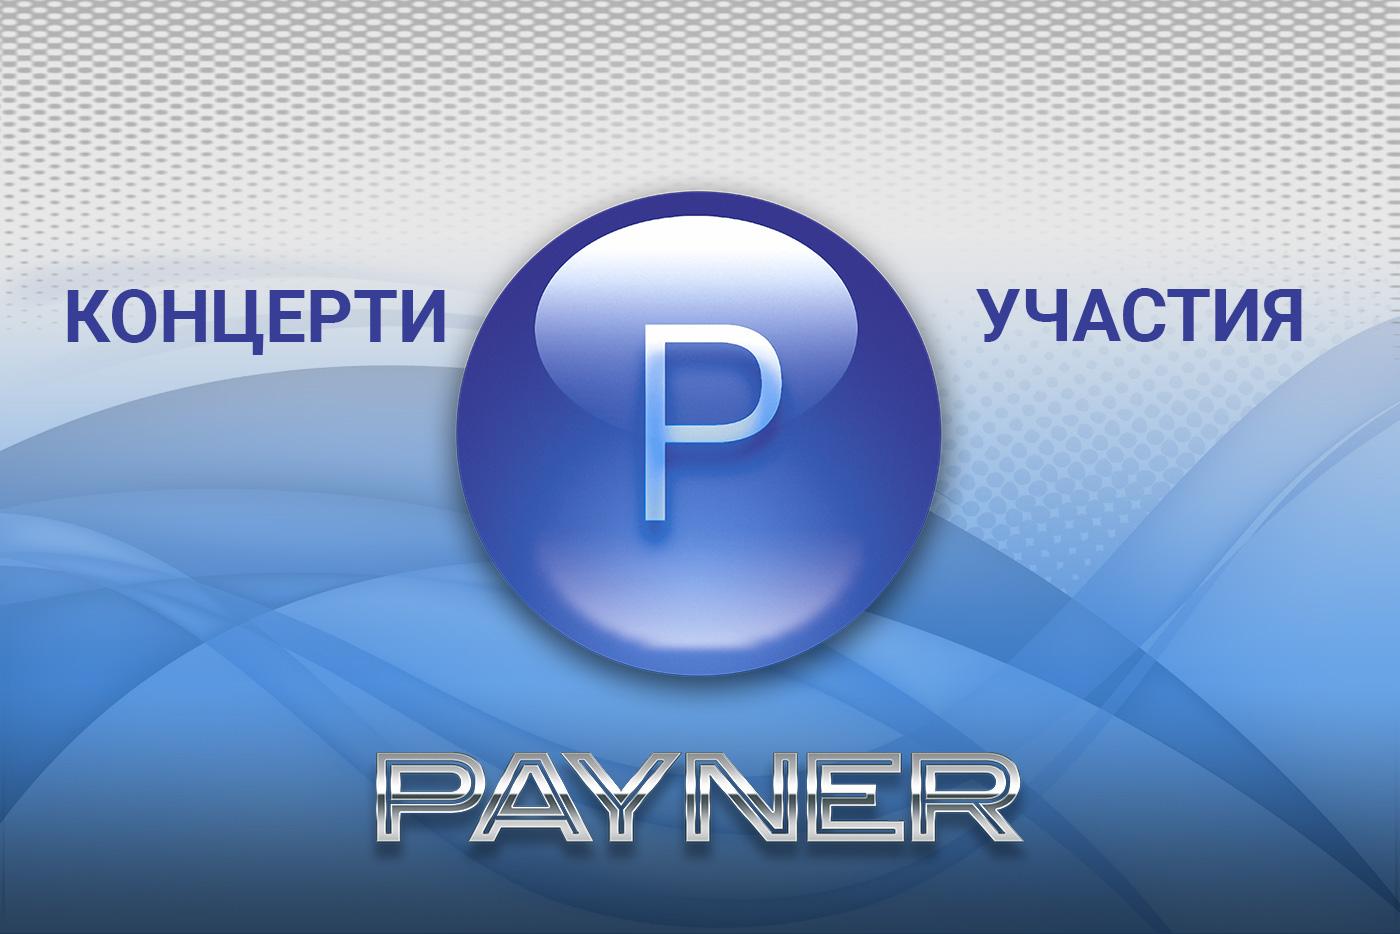 """Участия на звездите на """"Пайнер"""" на 20.01.2020"""